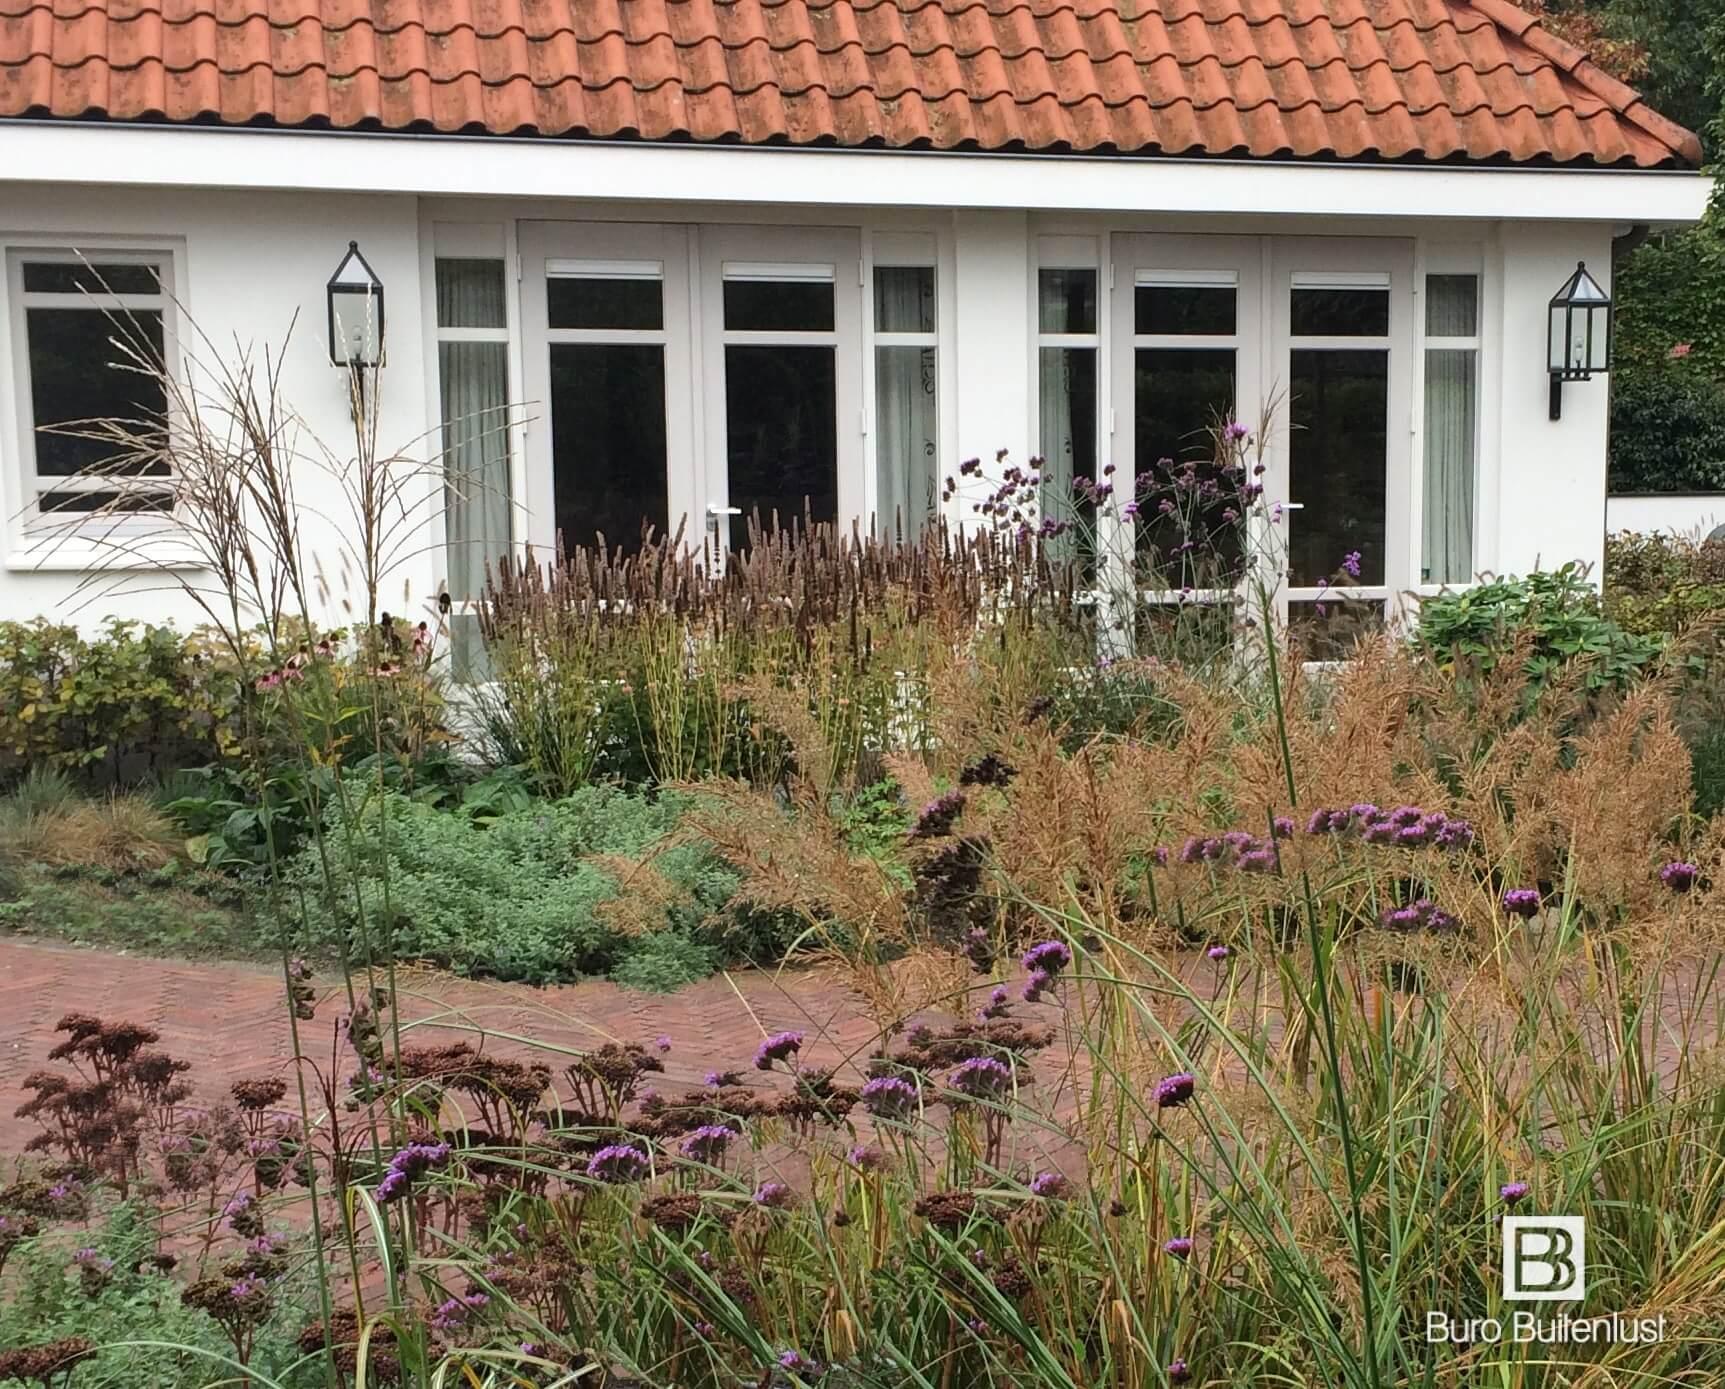 Landelijke tuin met natuurlijke uitstraling bij landgoed Jan des Bouvrie